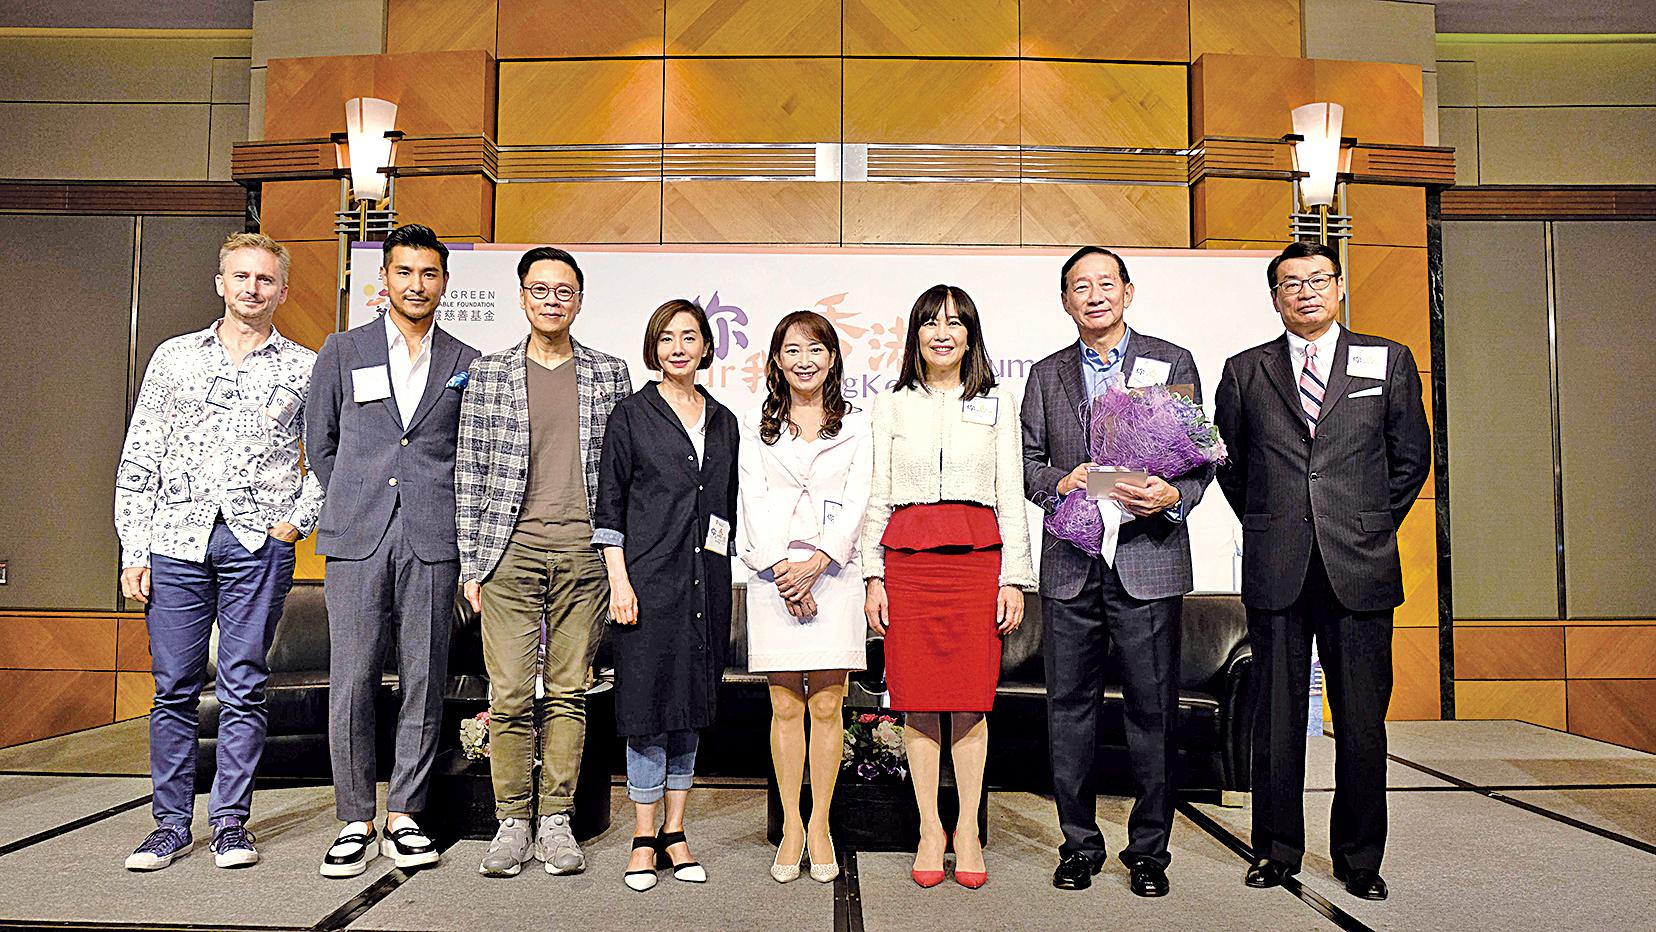 第四場「你我的香港Our Hong Kong Forum」講座結束,主席陳曦齡博士(右三)、副主席兼嘉賓主持陳美齡(右四)與嘉賓王冬勝(右二)、梁永祥(右一)、陳志雲(左三)、毛舜筠(左四)、陳展鵬(左二)及河國榮(左一)勉勵香港人積極面對工作起跌,試著享受自己的工作,做個快樂的「打工仔」。